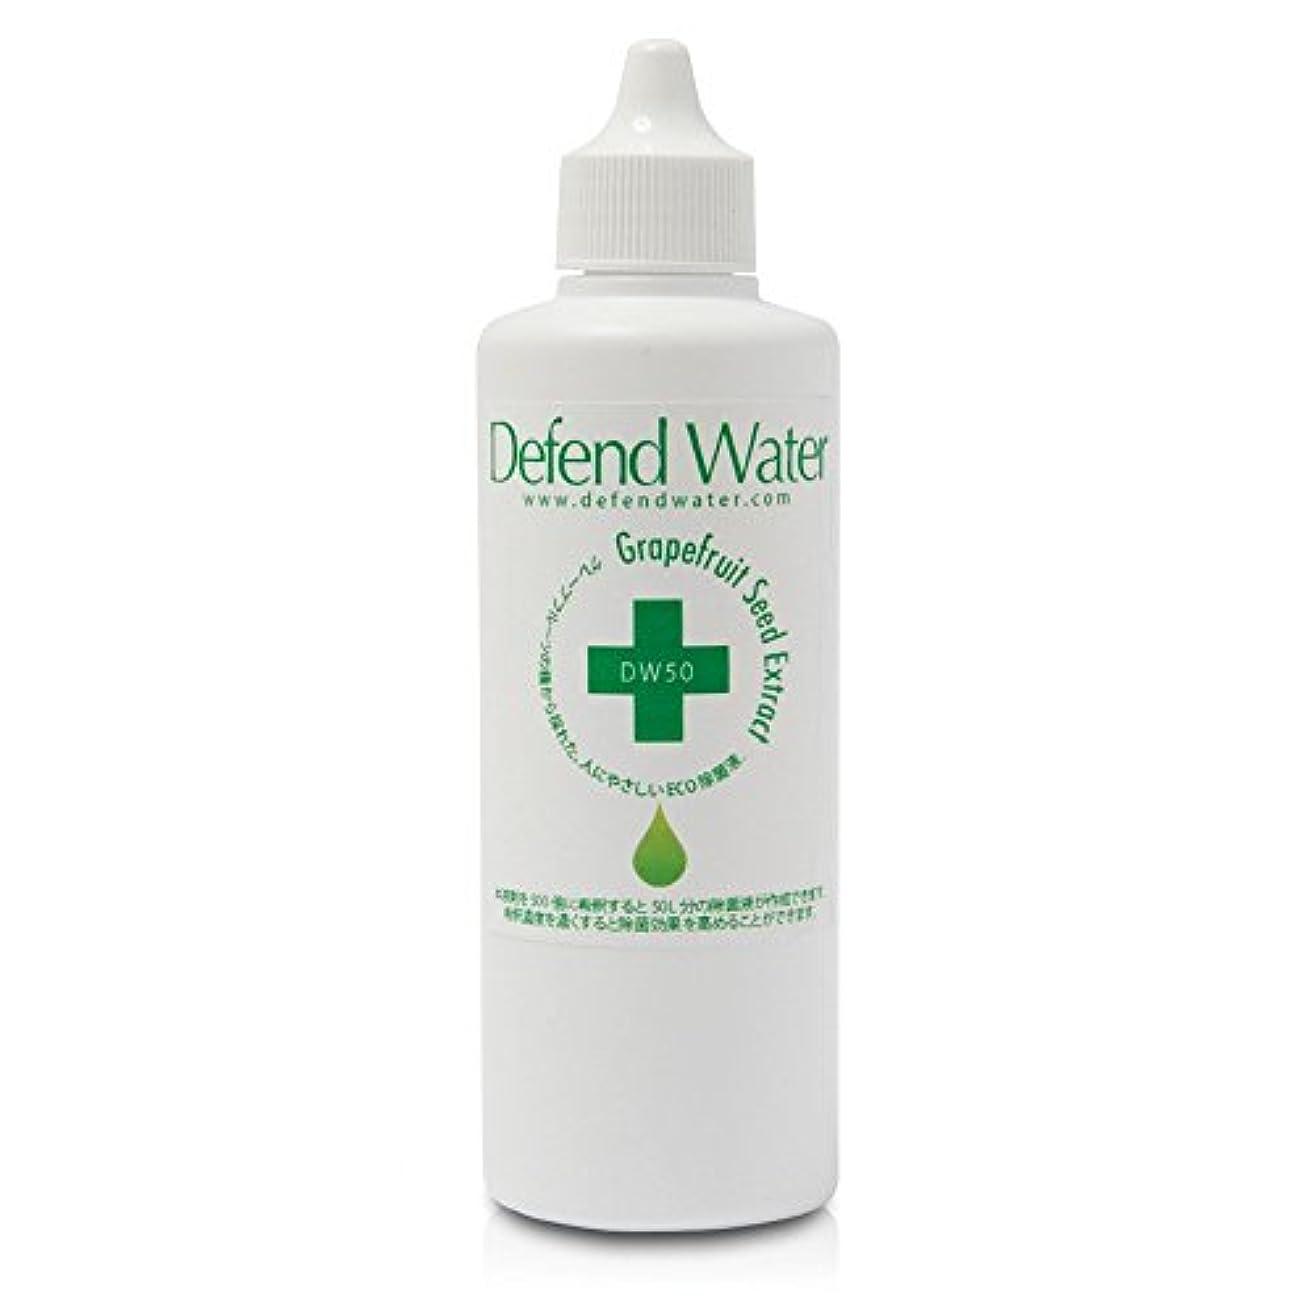 学習中劇的アロマオイルと一緒に使う空間除菌液、天然エコ除菌液「ディフェンドウォーター」DW50